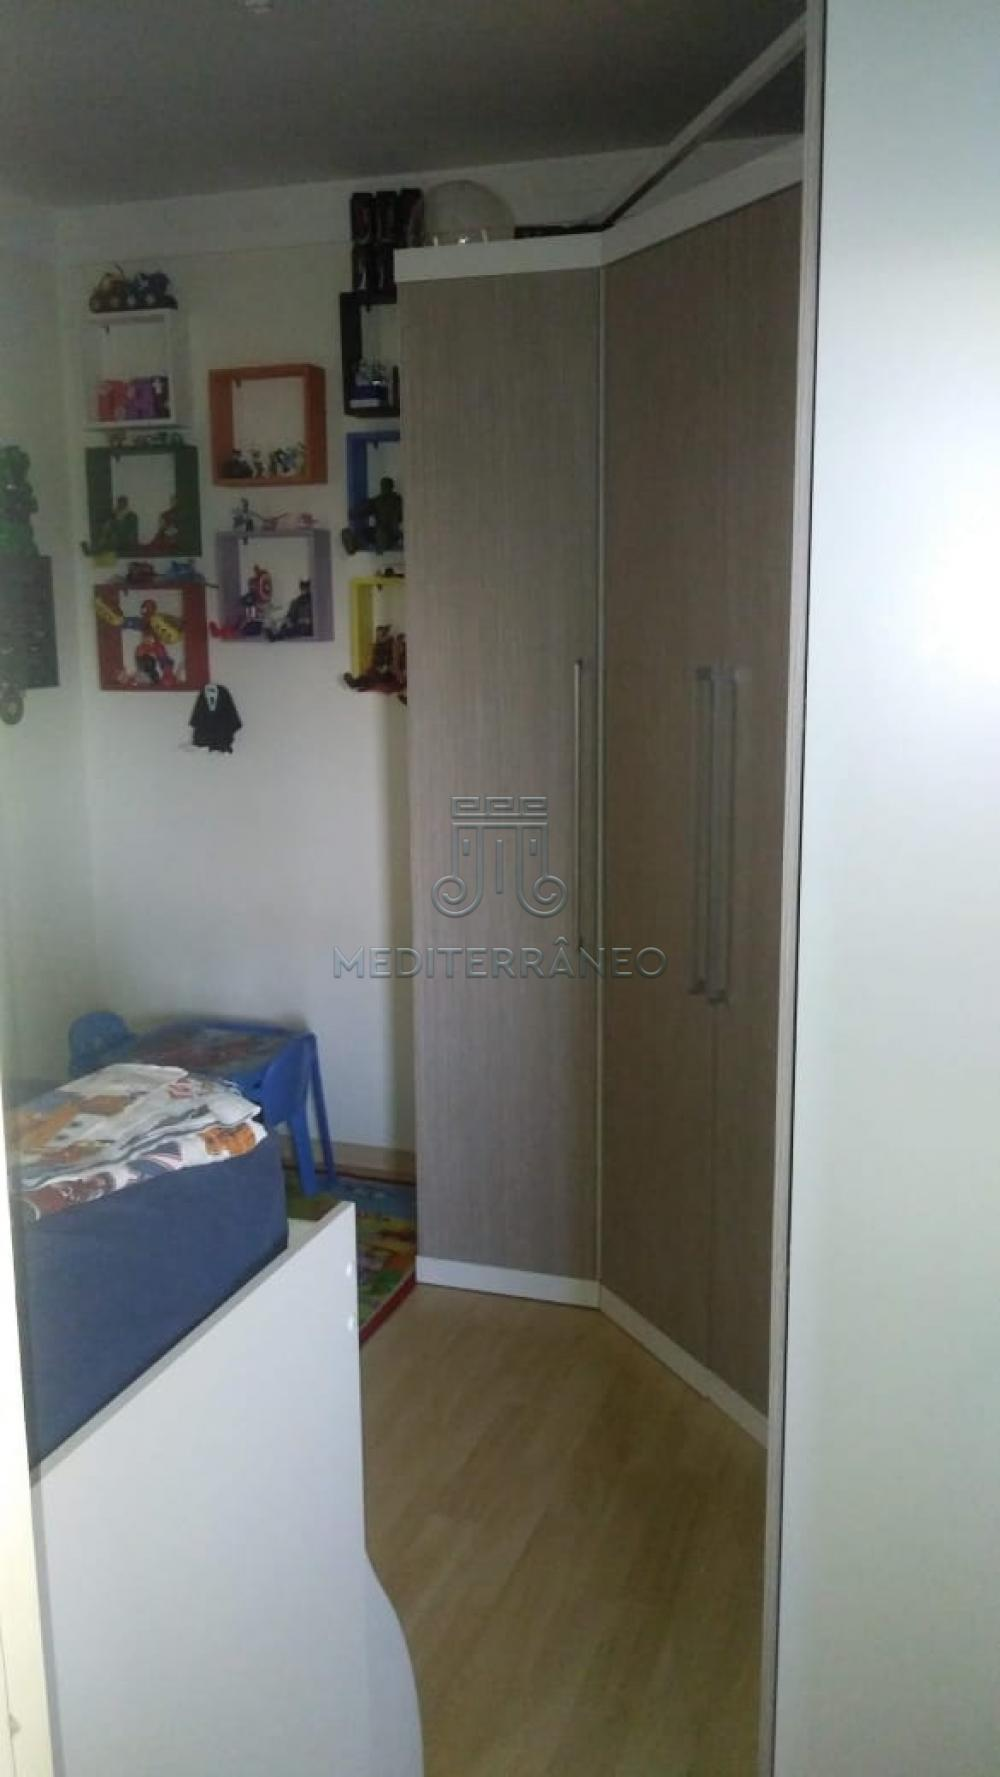 Comprar Apartamento / Padrão em Jundiaí apenas R$ 292.000,00 - Foto 10